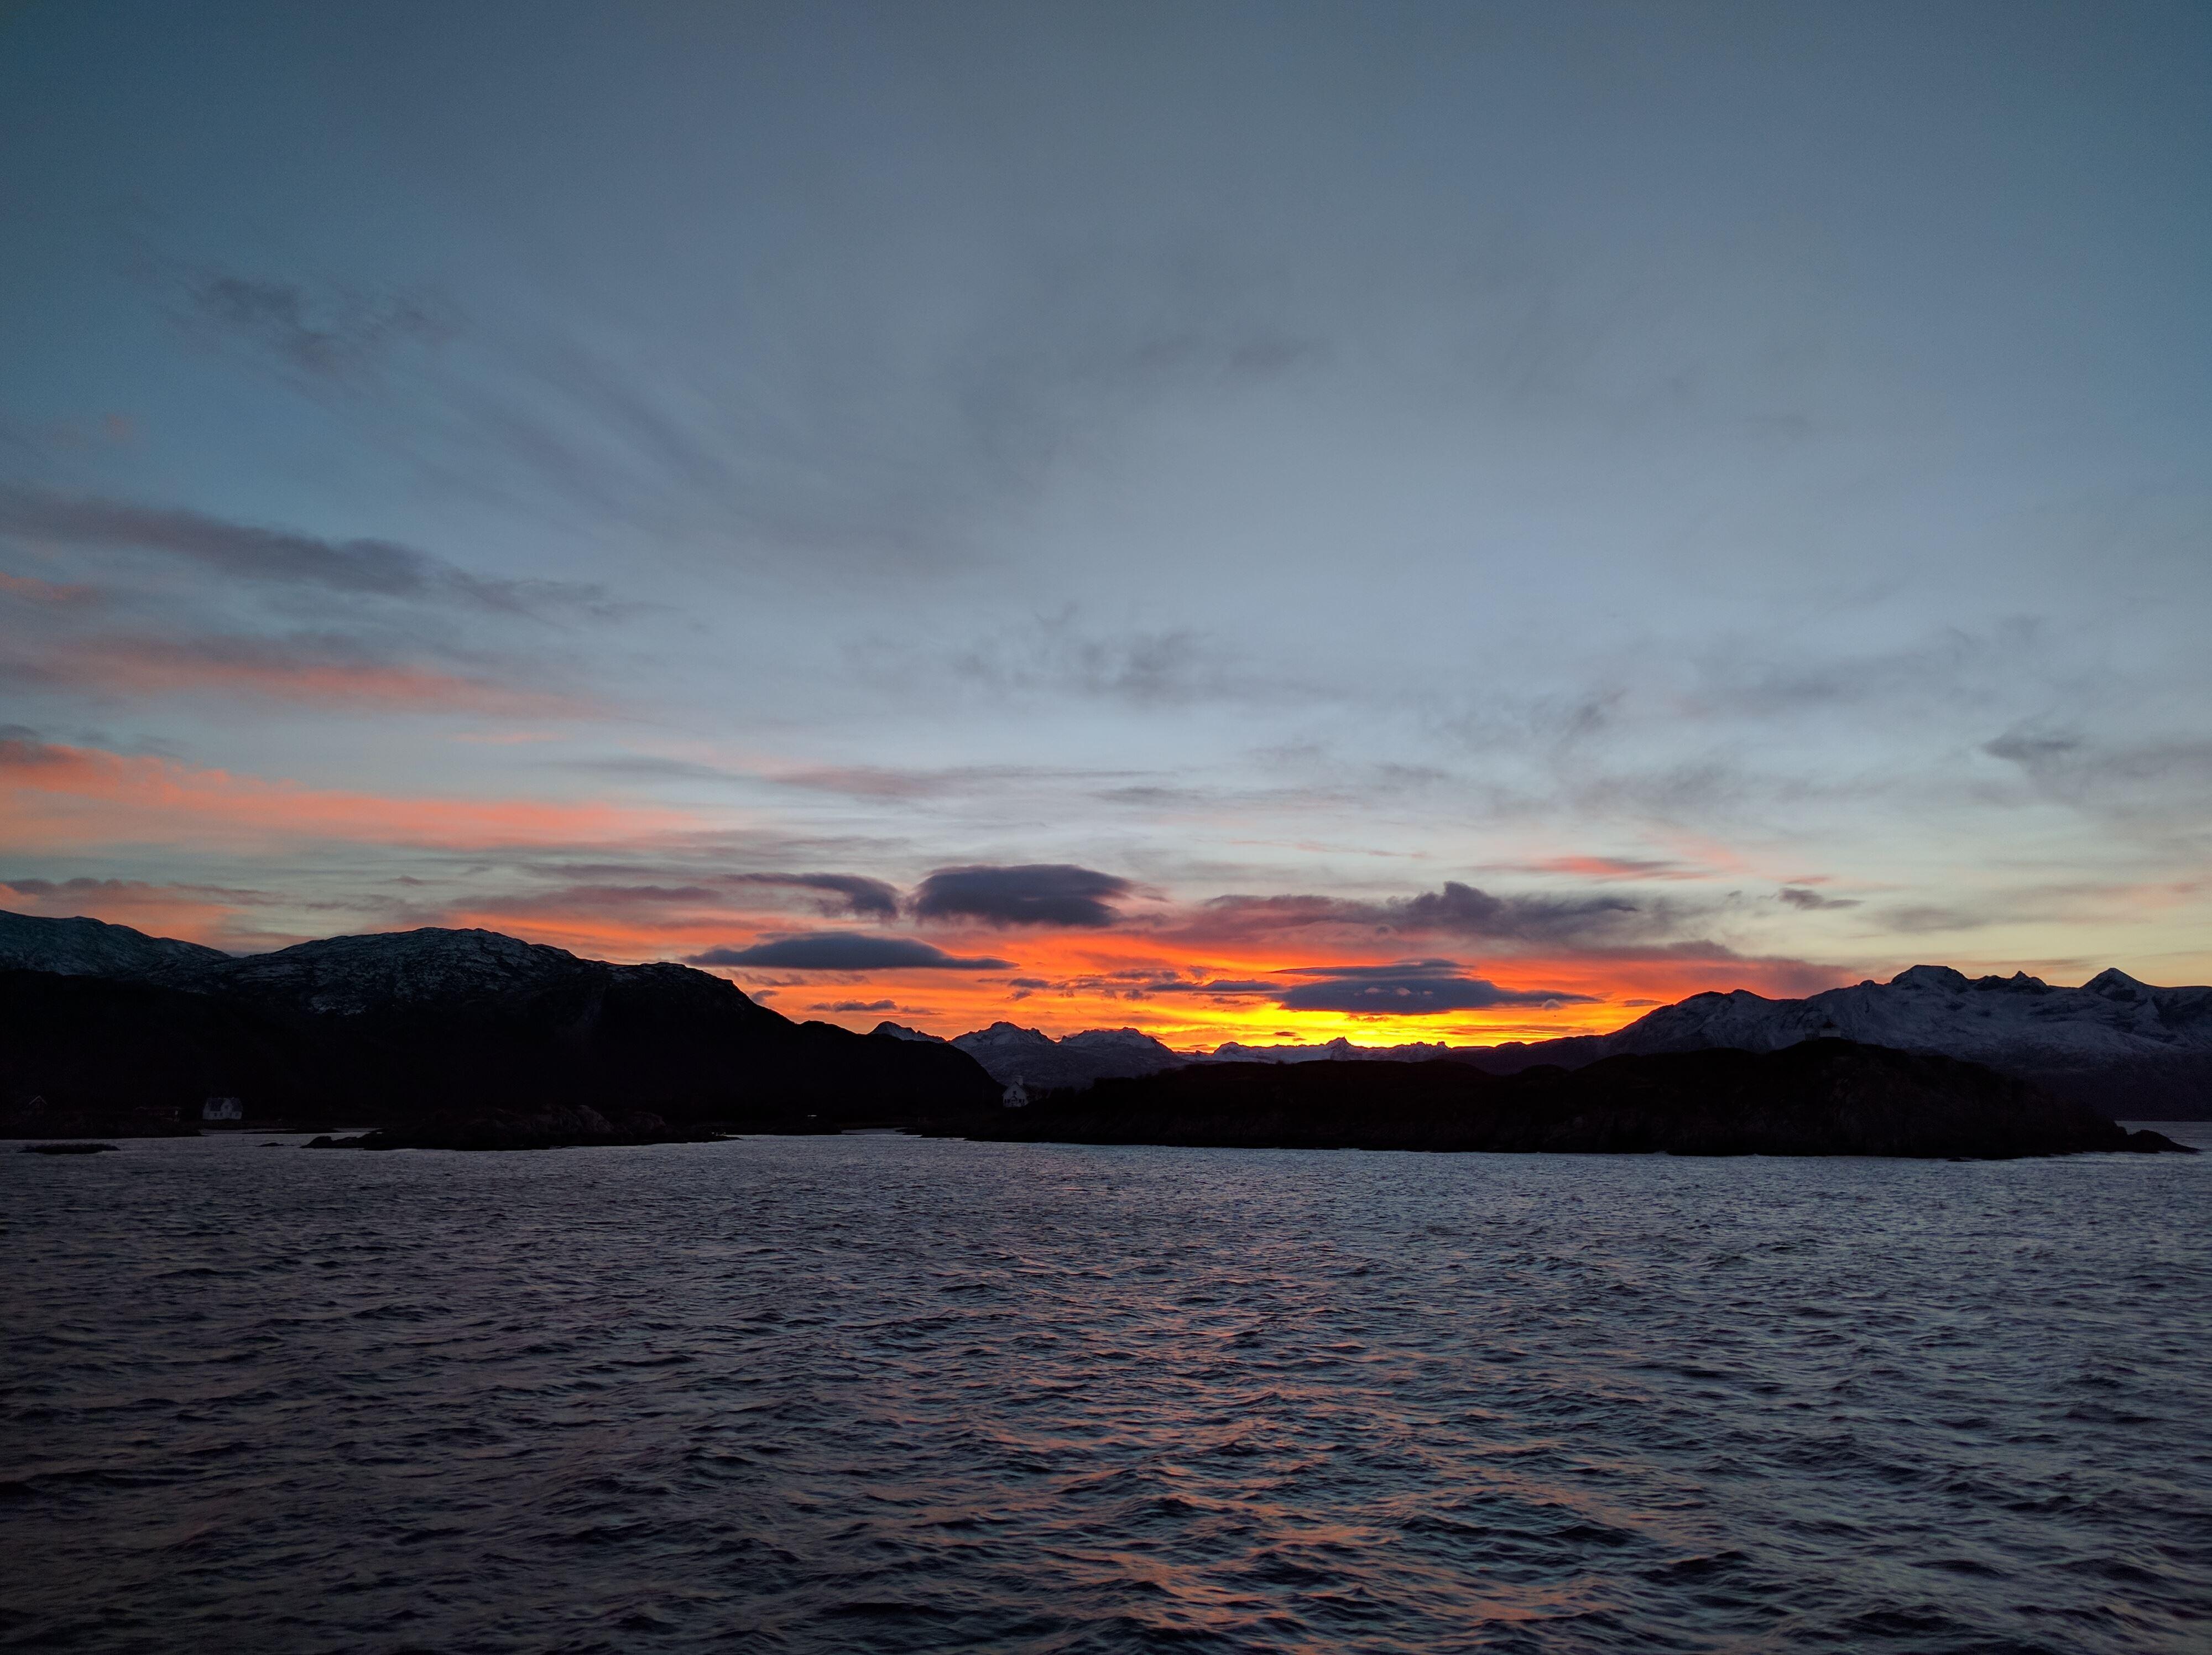 Arktisk Natur Cruise - Sørøya Havfiskecruise